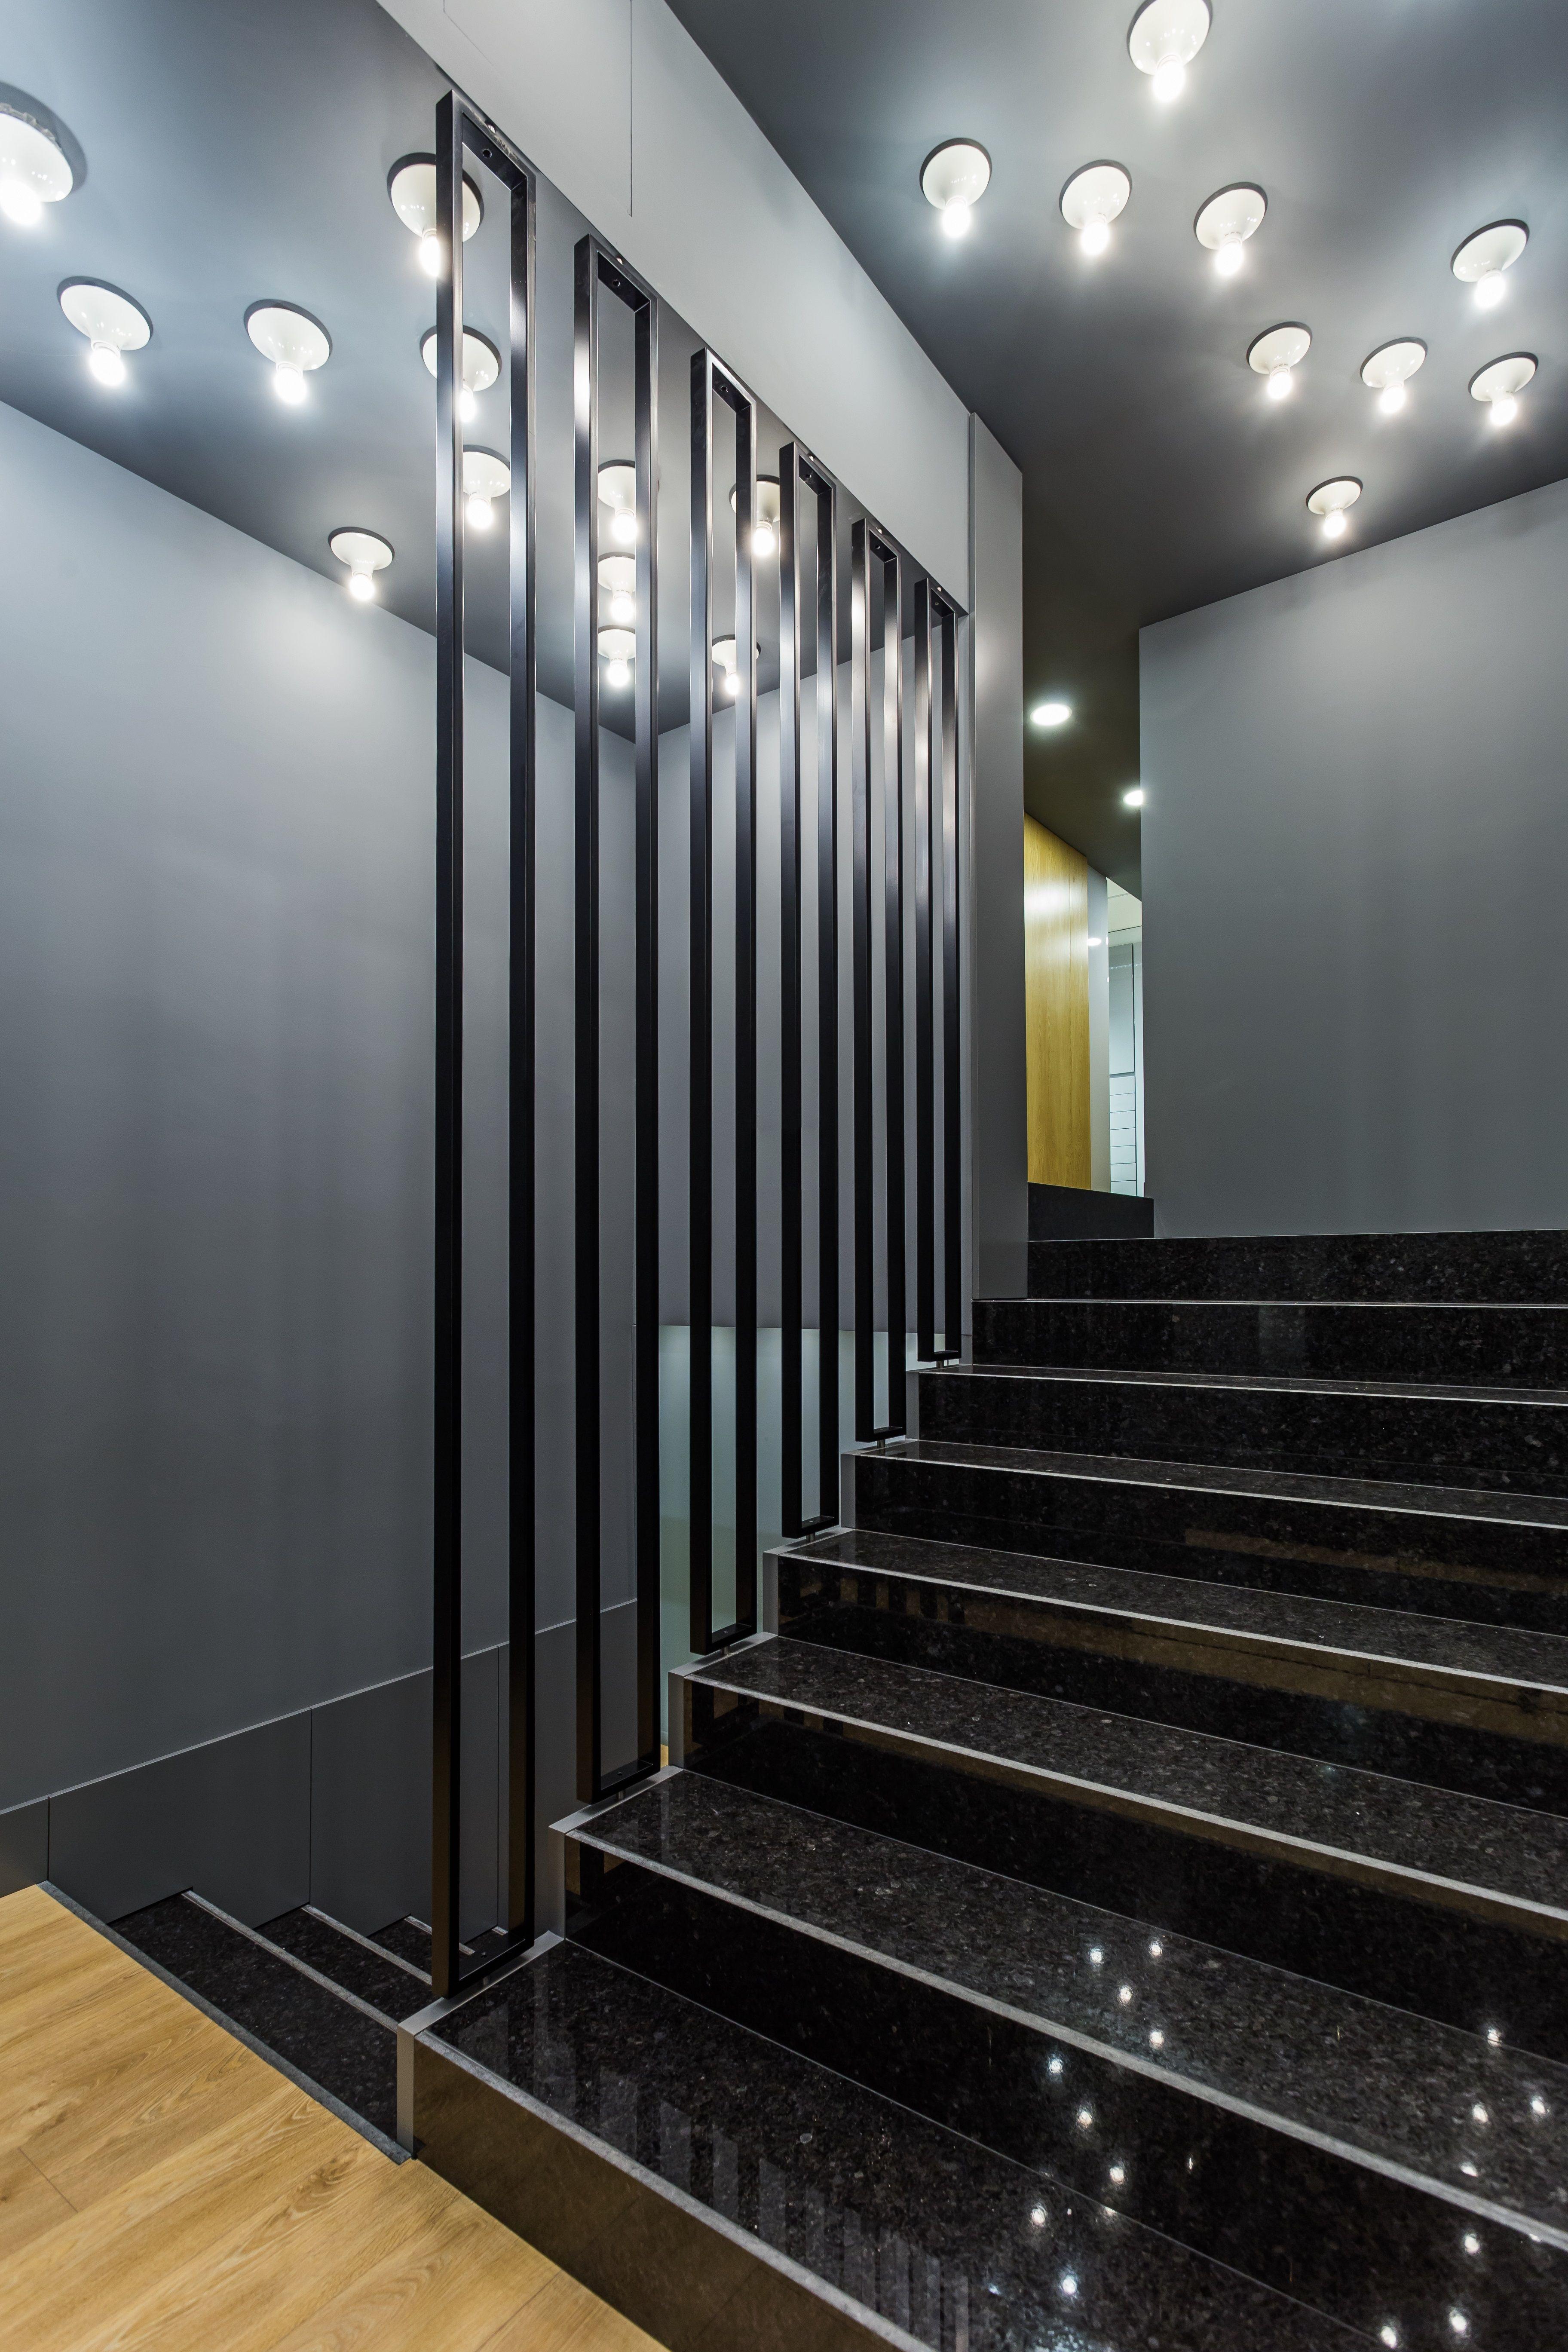 Best XYZ Arquitectos Associados ptica M dica Rog rio Matosinhos Portugal interior design optical